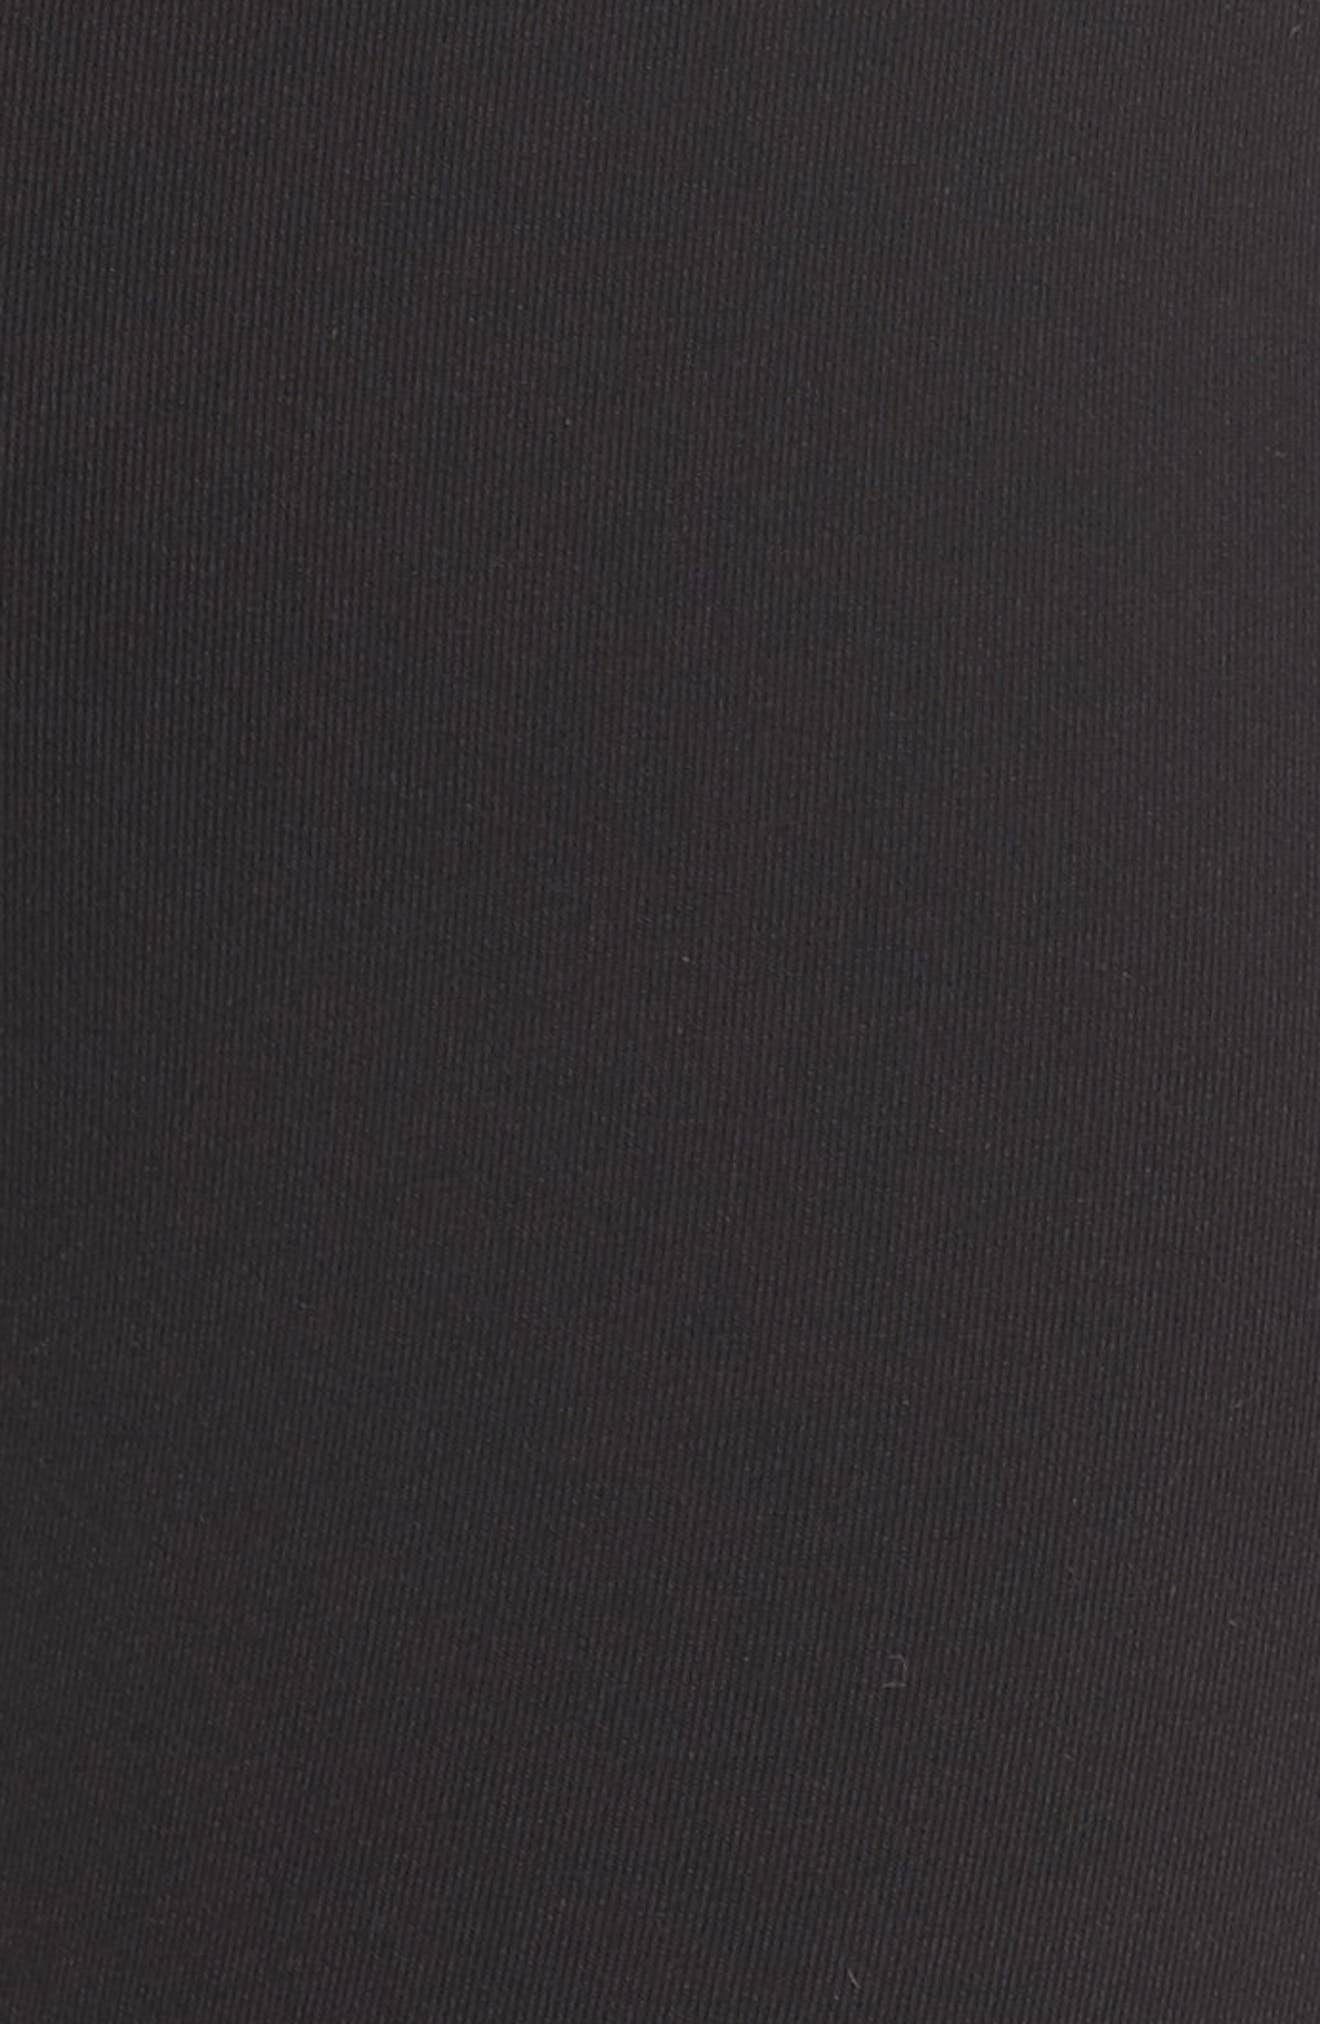 Elevate Leggings,                             Alternate thumbnail 6, color,                             Black/ Uv Blue Glossy/ White